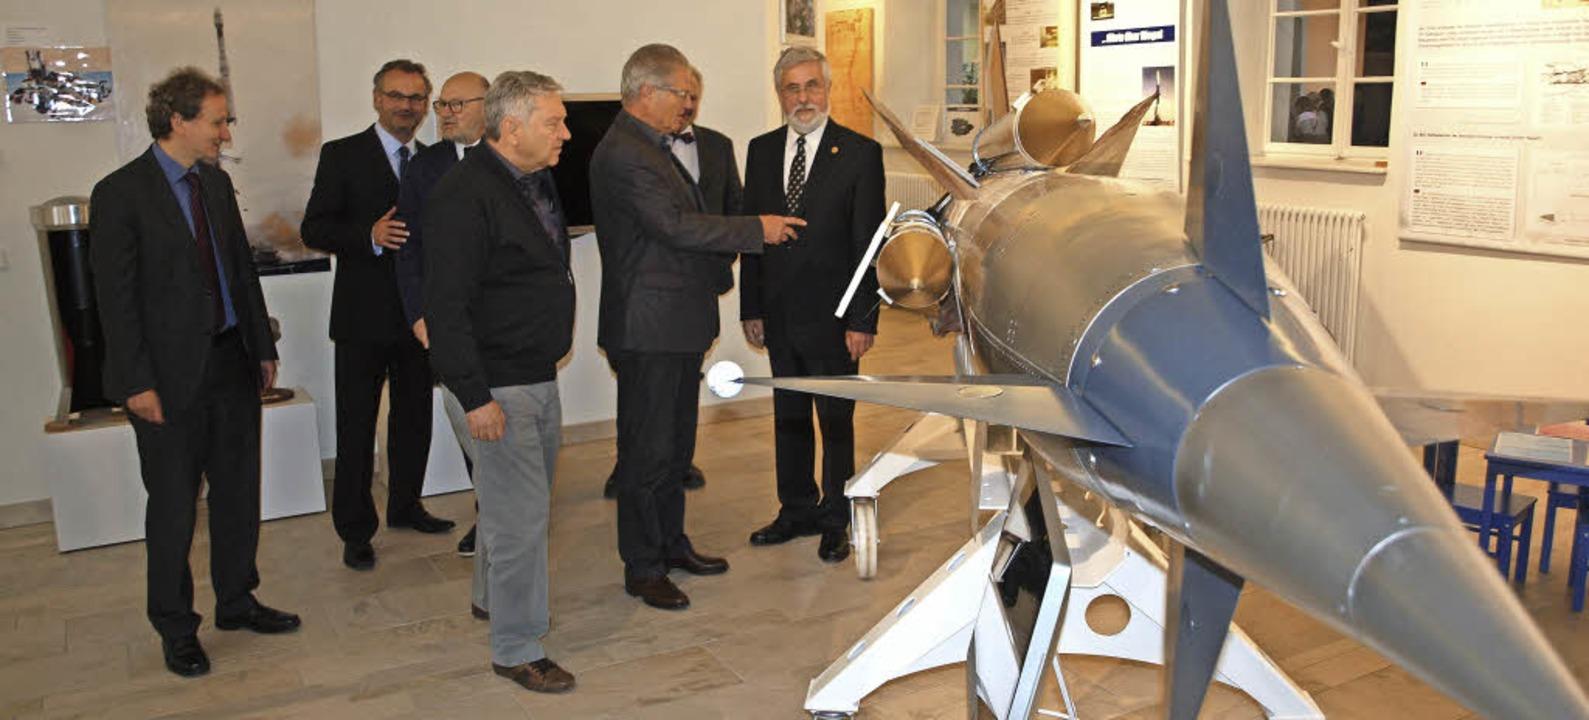 Riegeler Geschichtsvereins feierte 30....d zeigte eine  Parca-Luftabwehrrakete.    Foto: Archivfoto:  haberer